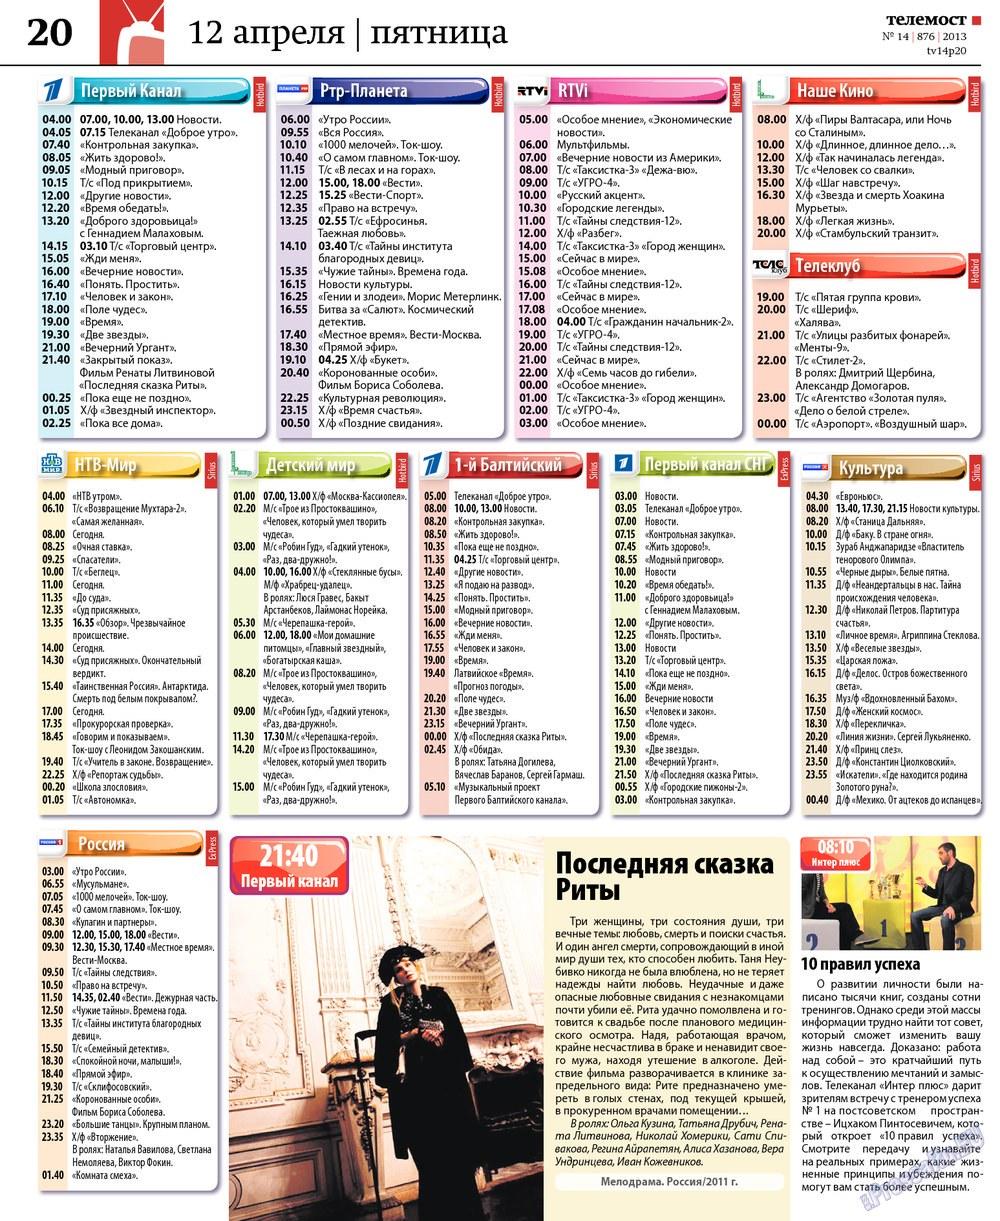 Рейнская газета (газета). 2013 год, номер 14, стр. 48